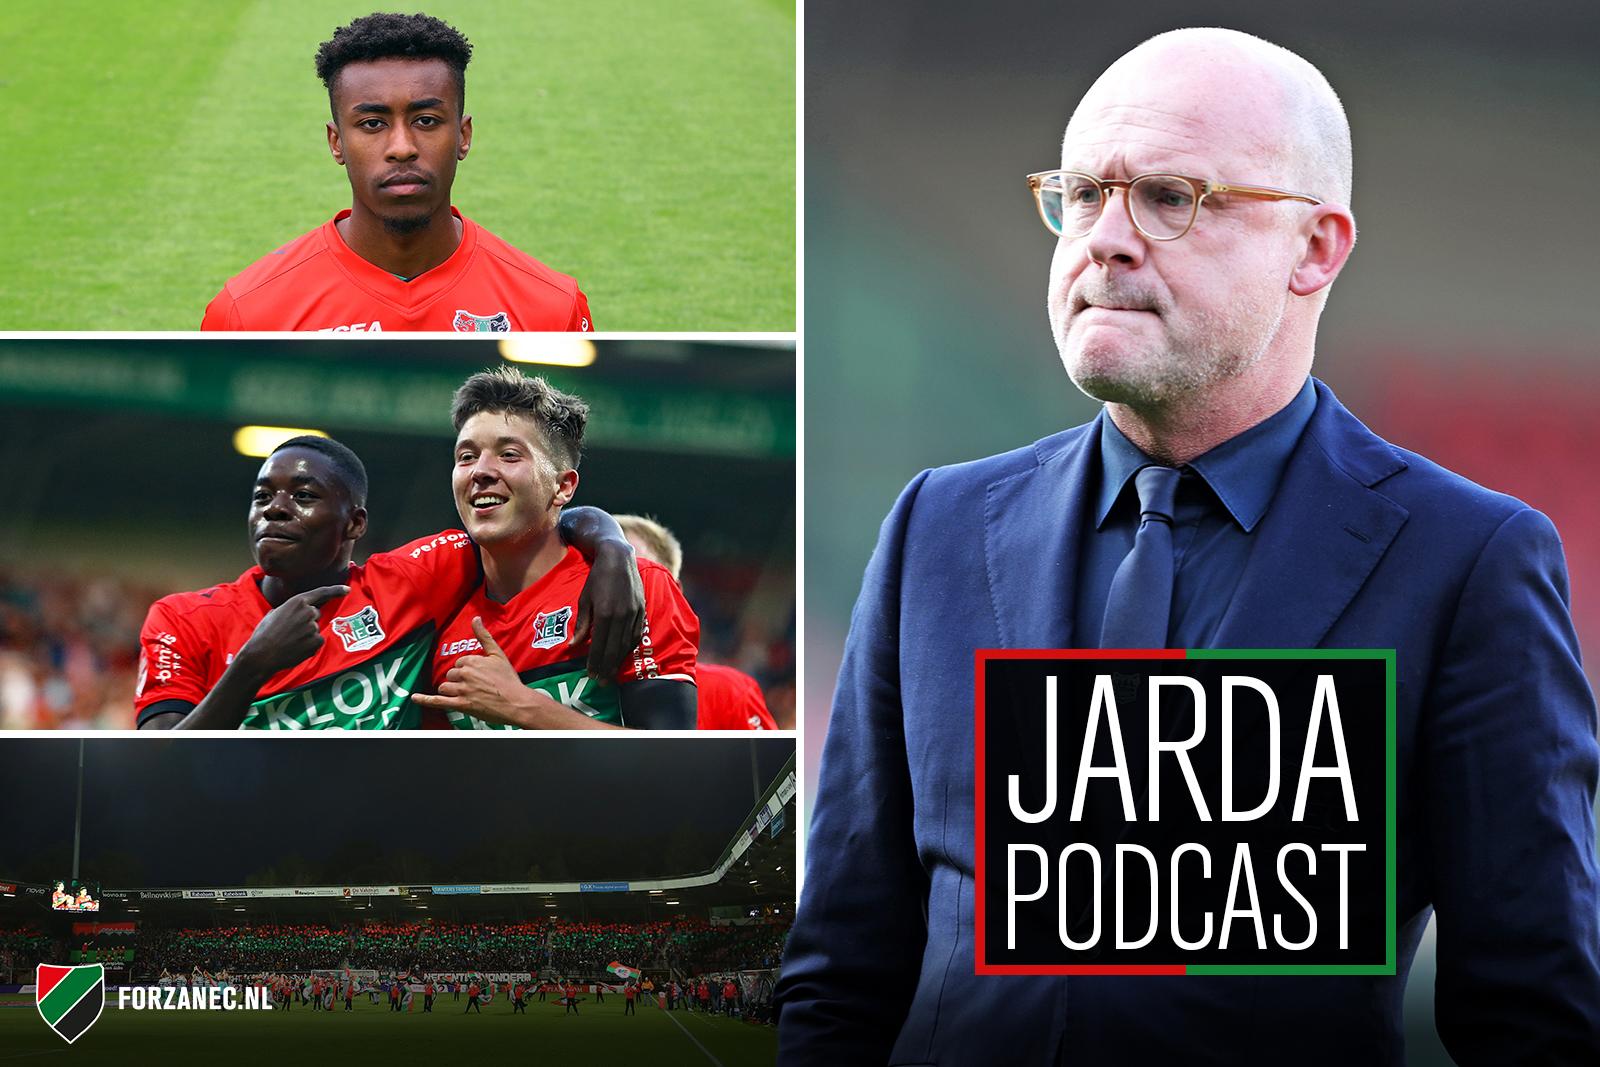 Jarda Podcast #30: Een uitgebreide evaluatie met Wilco van Schaik